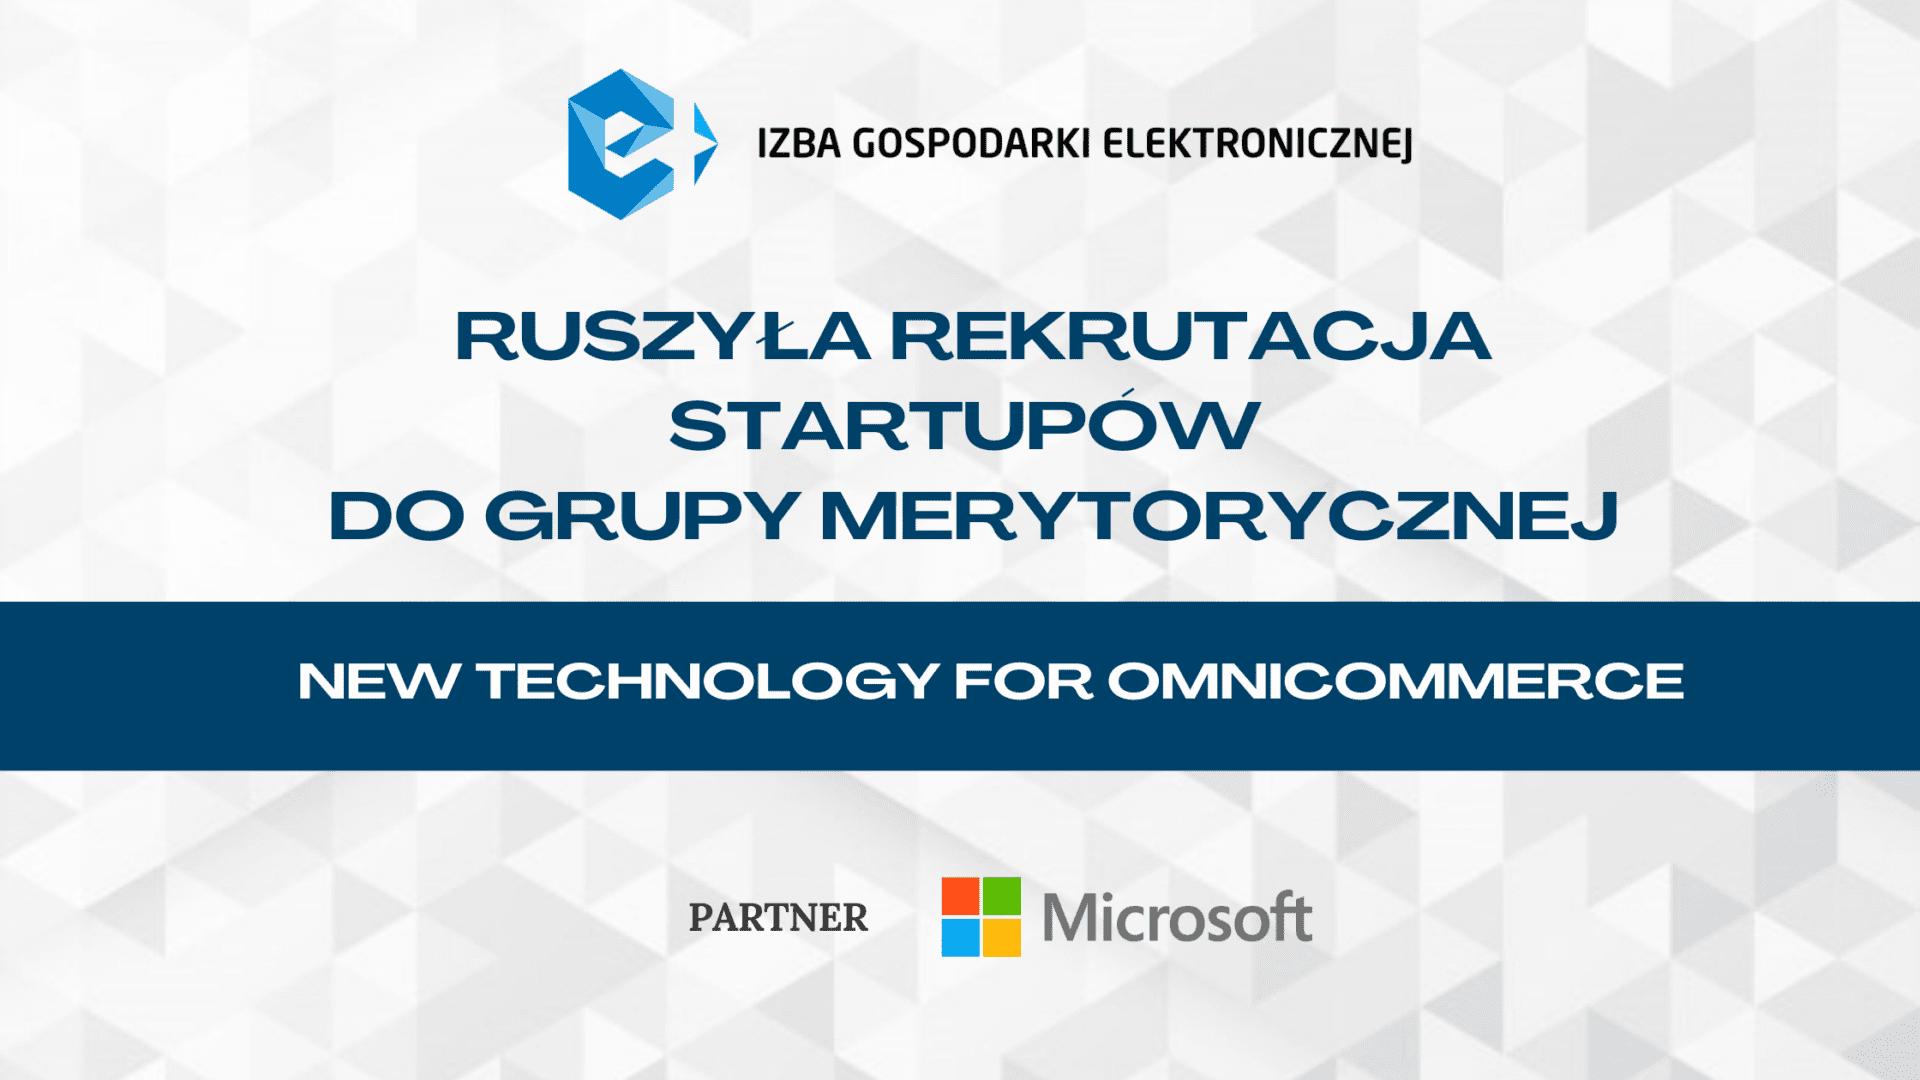 Ruszyła rekrutacja startupów technologicznych do grupy e-Izby New Technology for Omnicommerce!